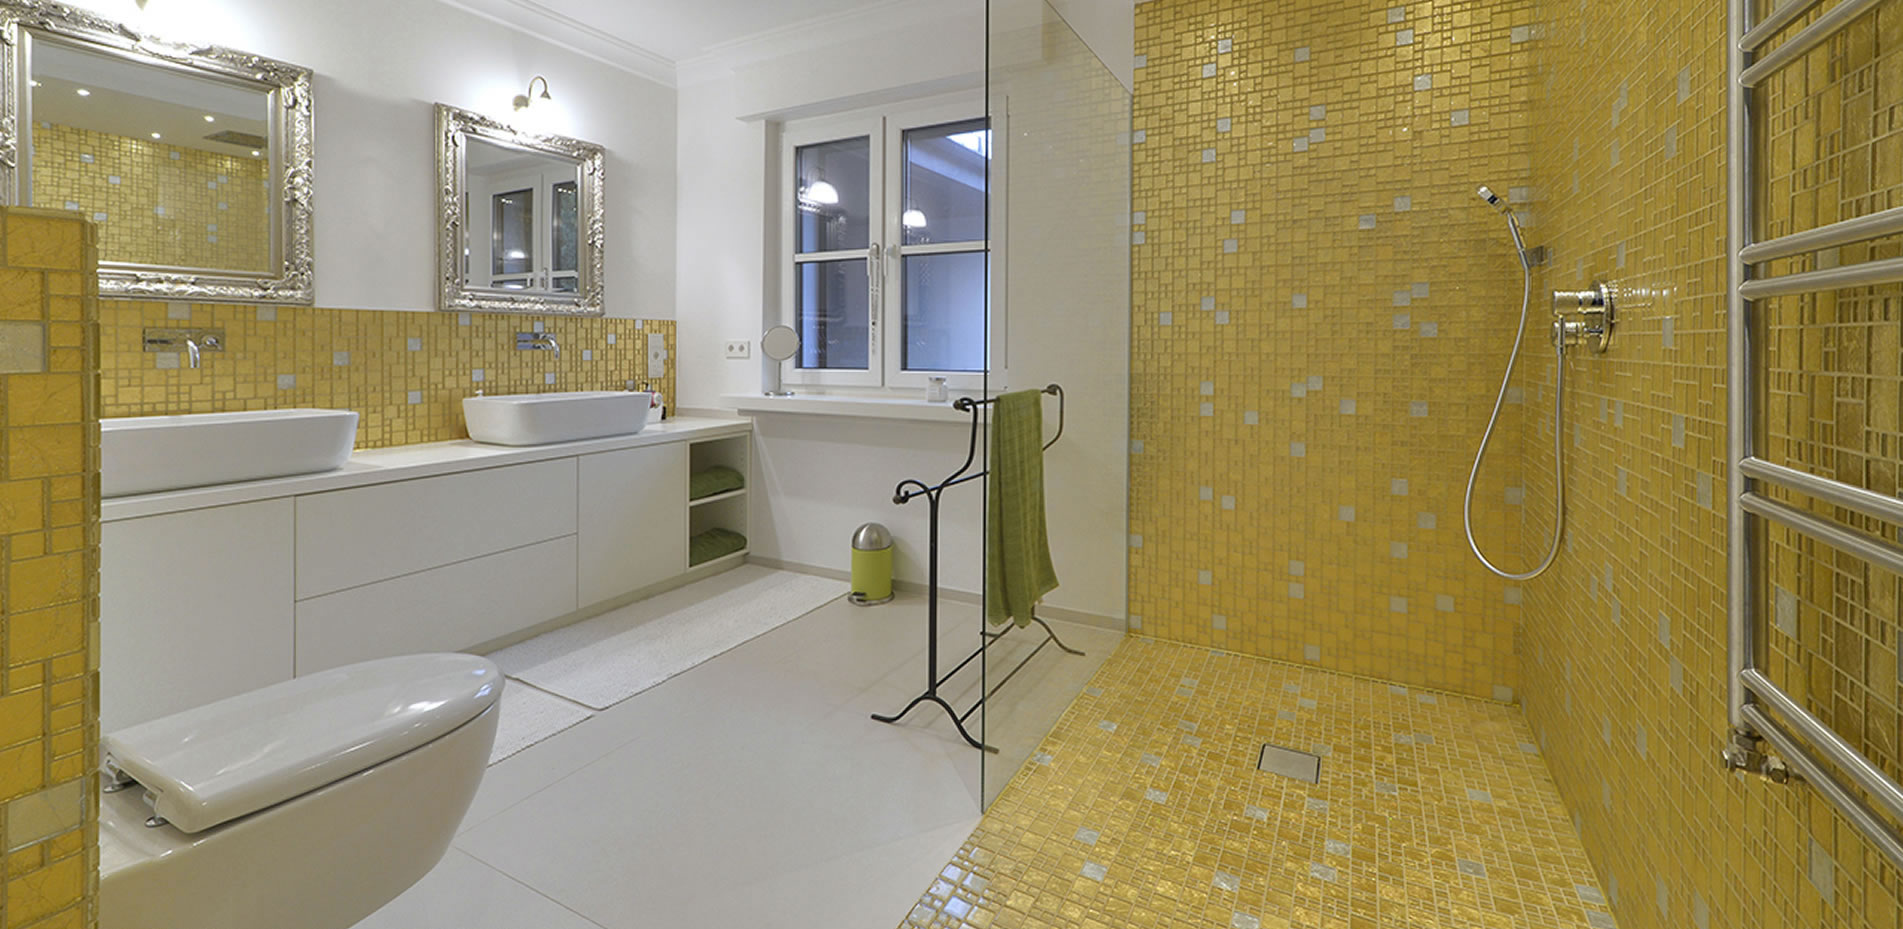 Badezimmer mit Echtgoldmosaik in Paderborn - Raumwerk Paderborn